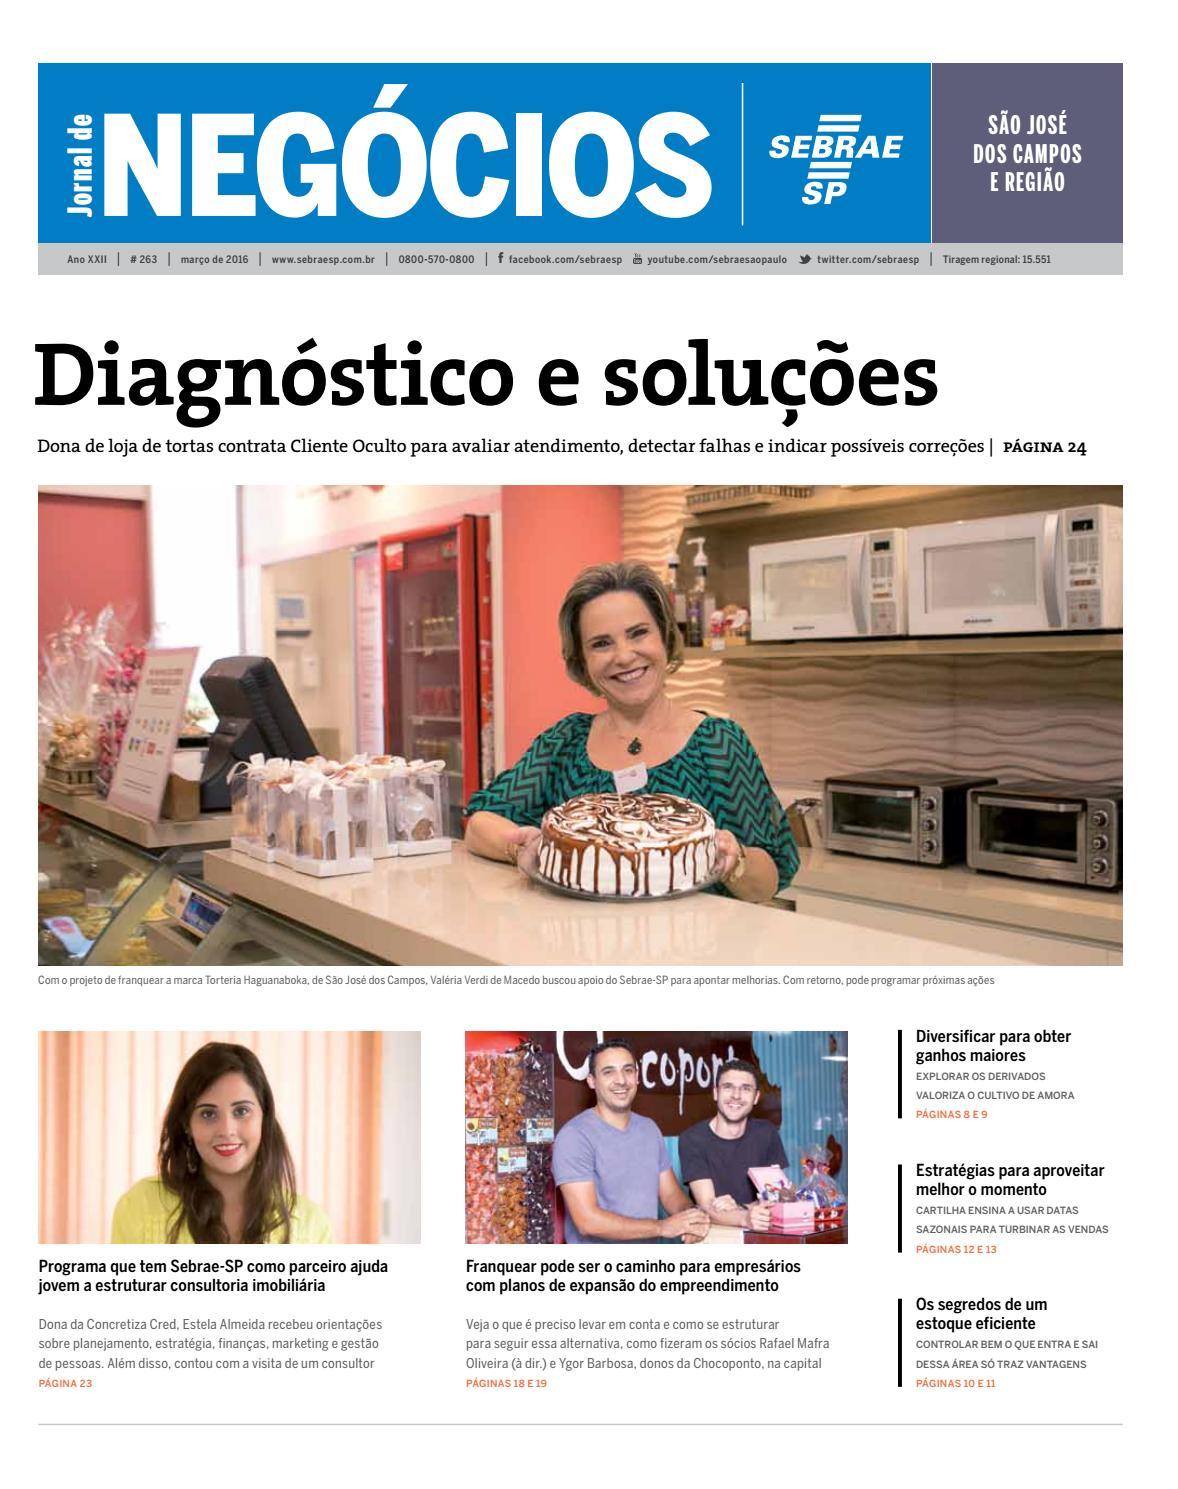 Jornal De Neg Cios Sebrae Sp 01 De Mar O De 2016 S O Jos Campos